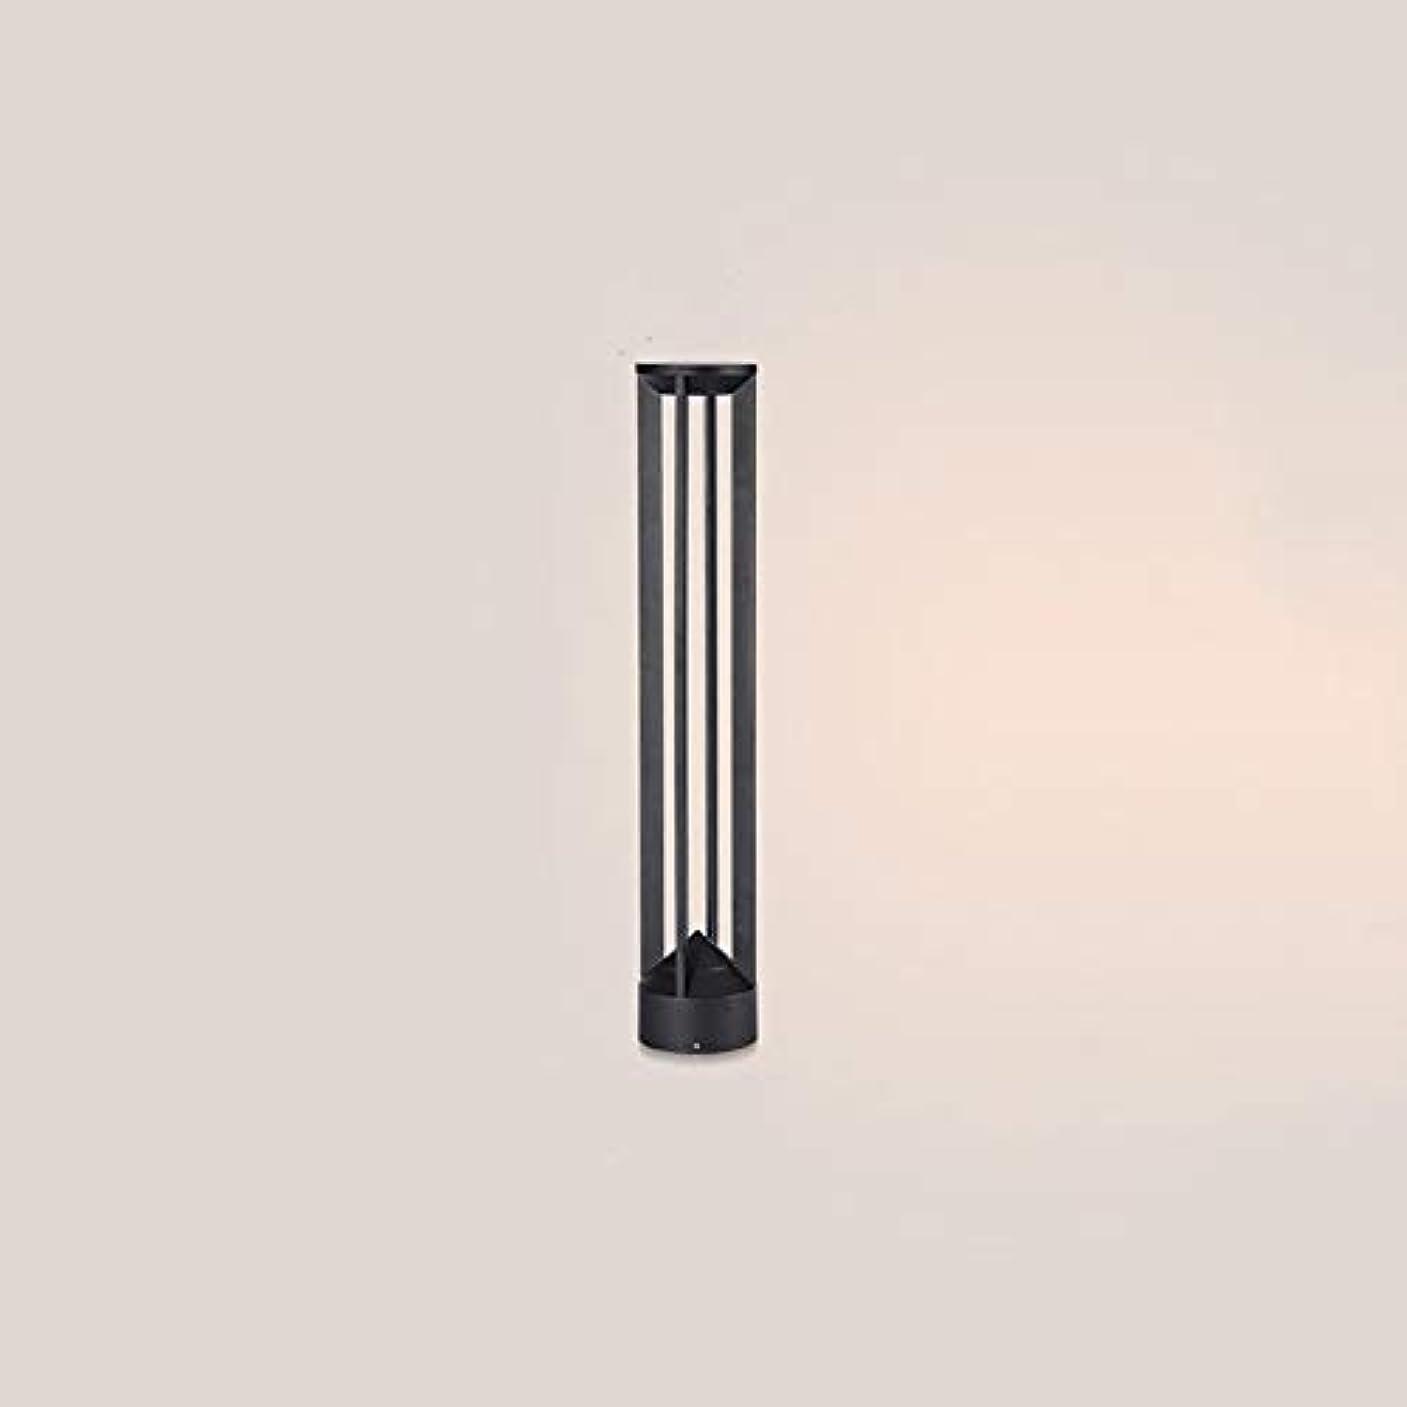 条約食物昇るPinjeer Led IP55防水ラウンド屋外ガーデンライトヨーロッパ現代クリエイティブブラックアルミラウンドピラーライトアンチ錆ポストライト芝生ストリートパーク芝生装飾コラムランプ